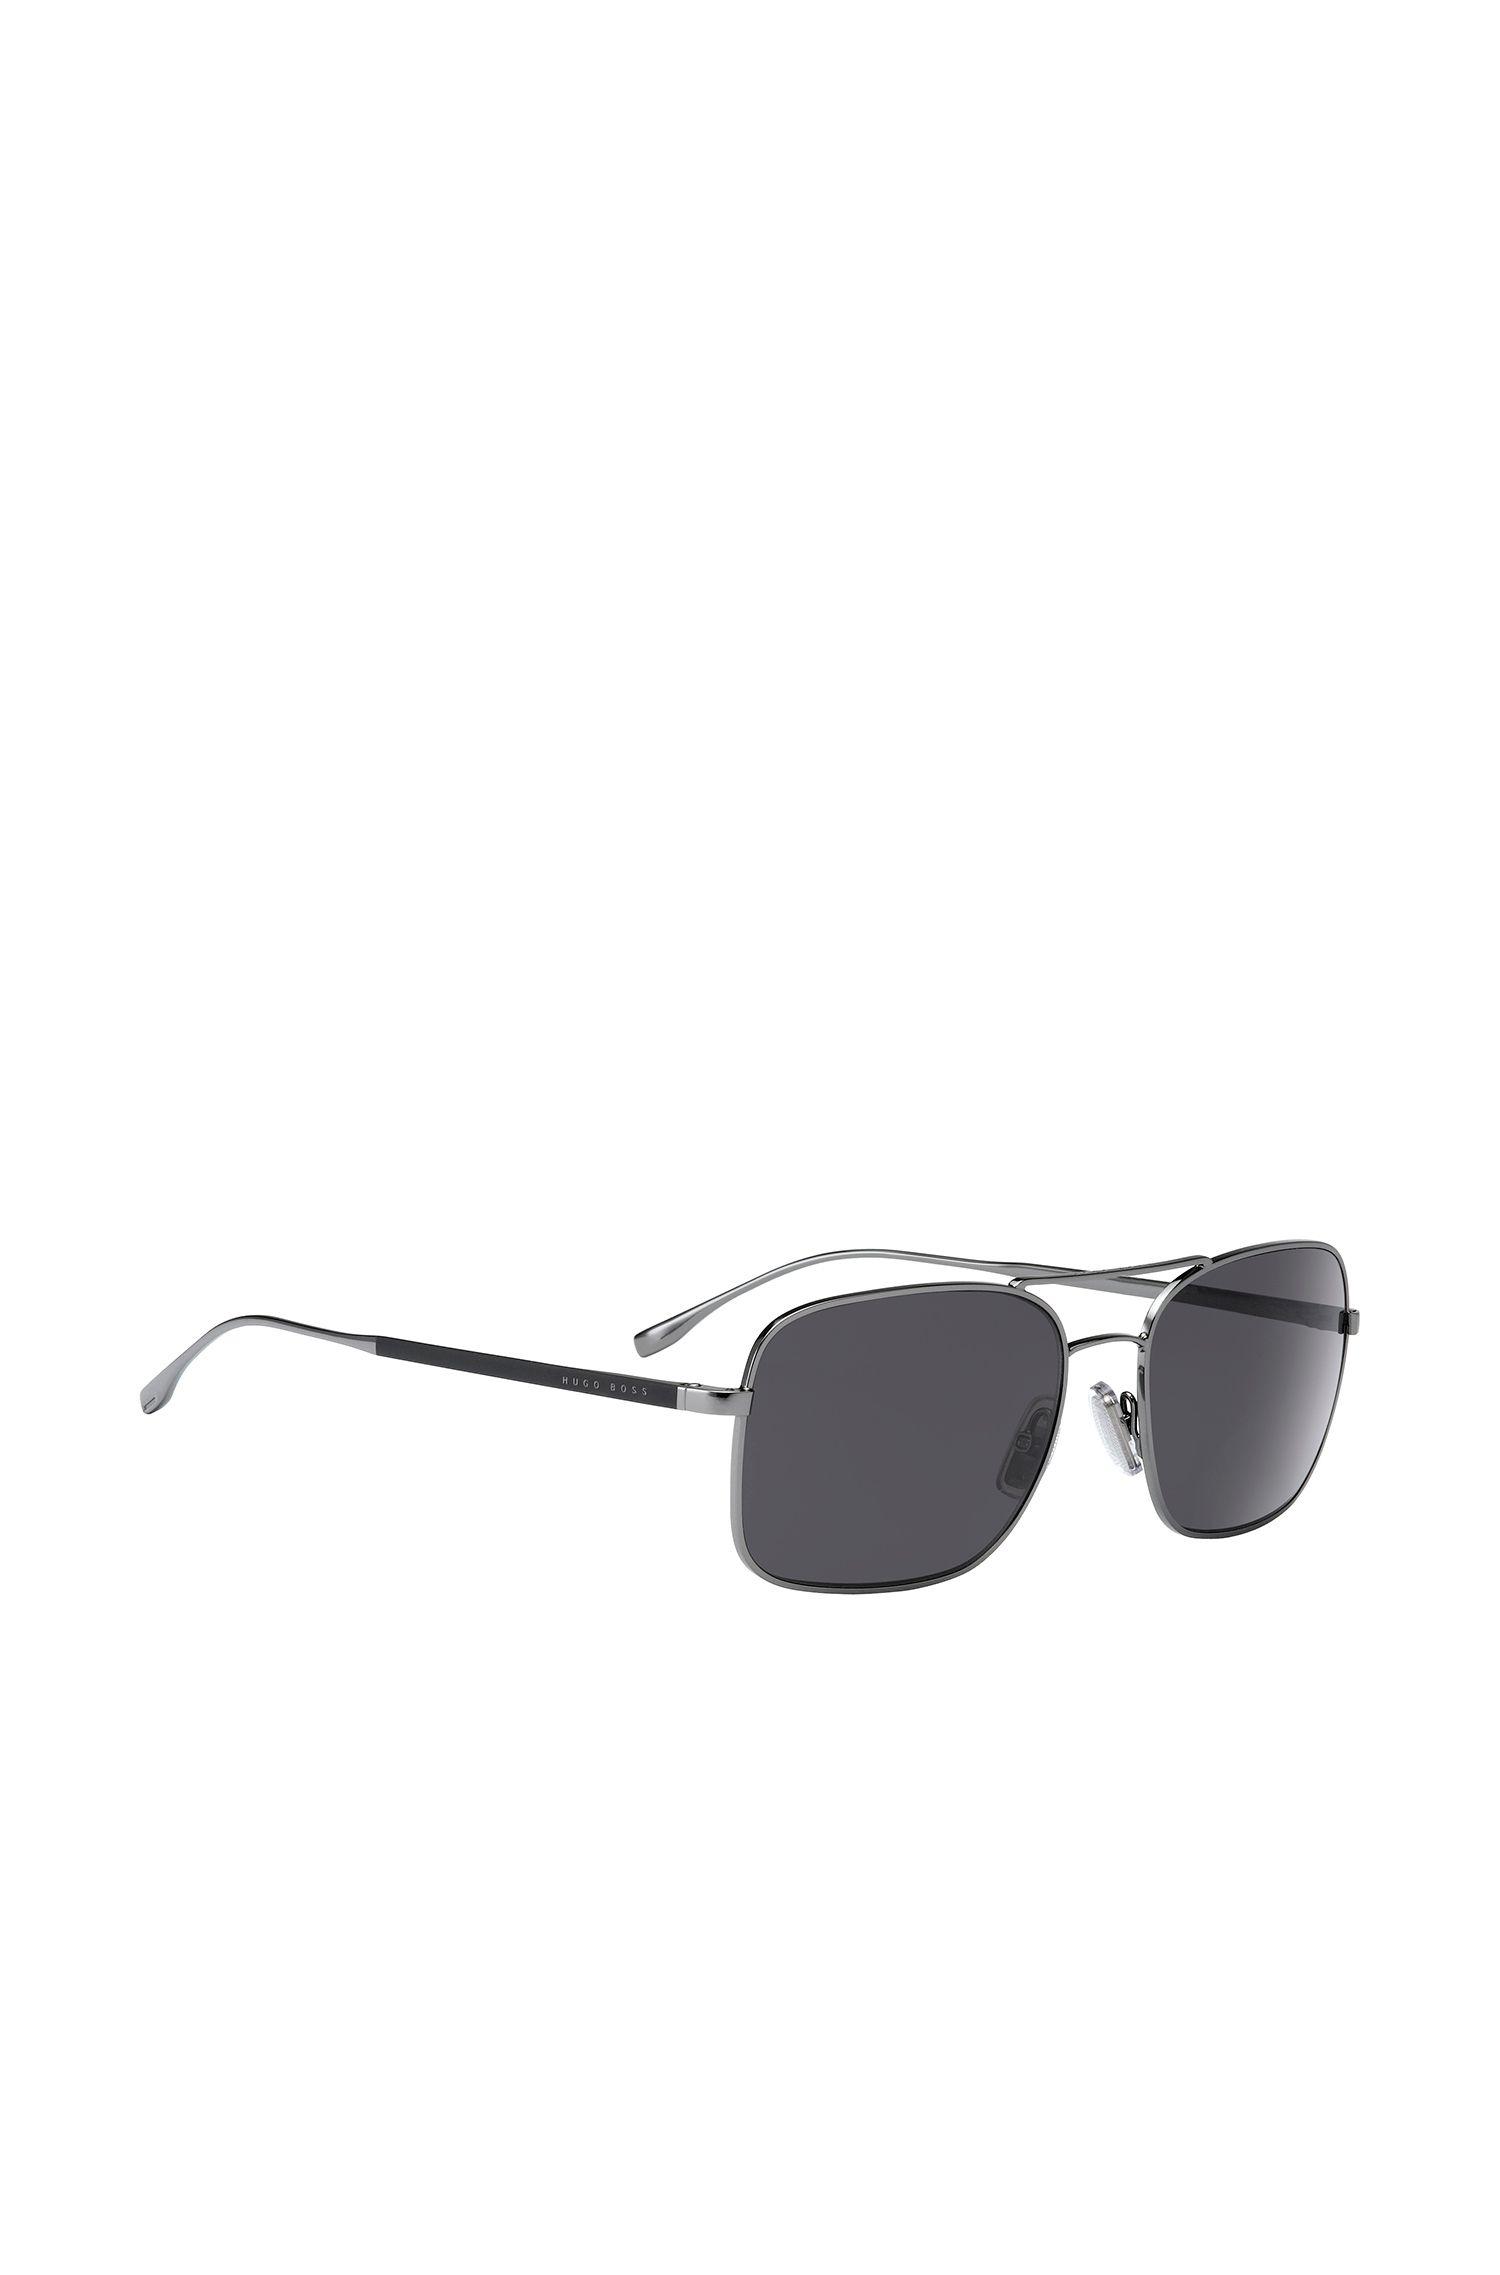 'BOSS 0781'   Gray Lens Caravan Sunglasses